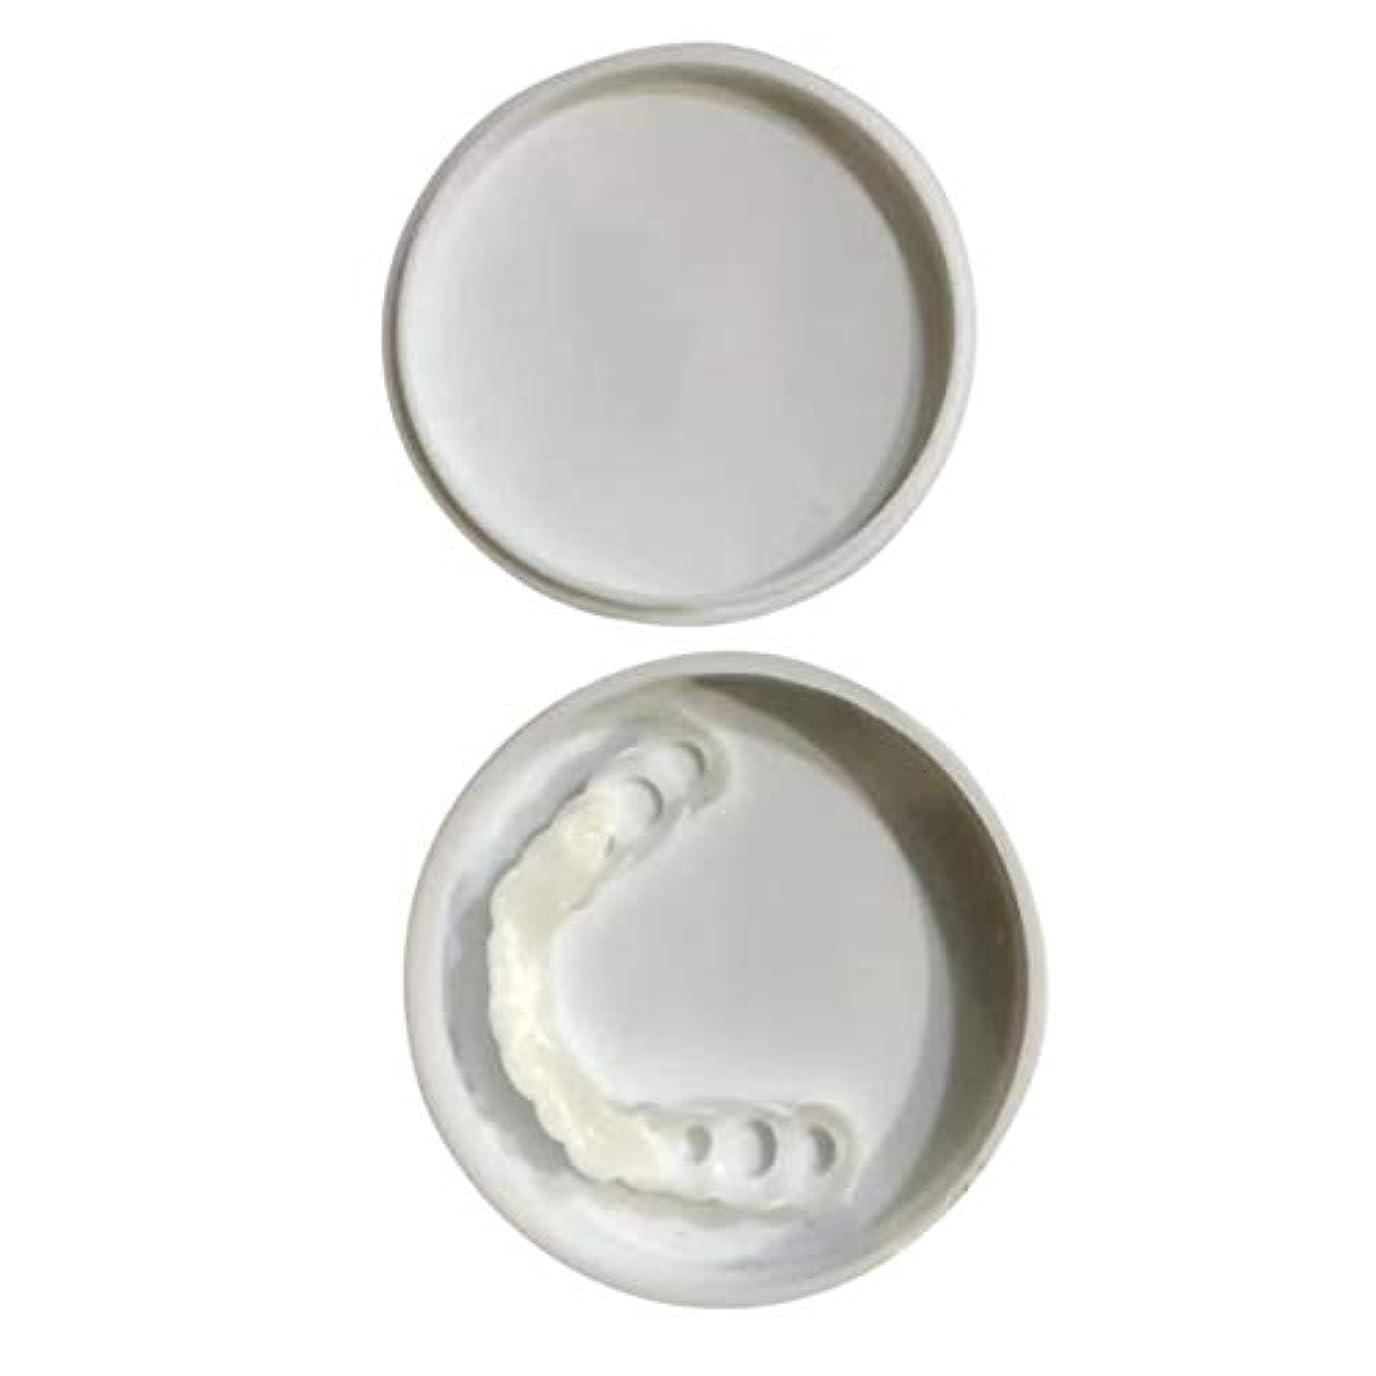 小売合意メンバー快適なスナップオン男性女性歯インスタントパーフェクトスマイルコンフォートフィットフレックス歯フィットホワイトニング笑顔偽歯カバー - ホワイト